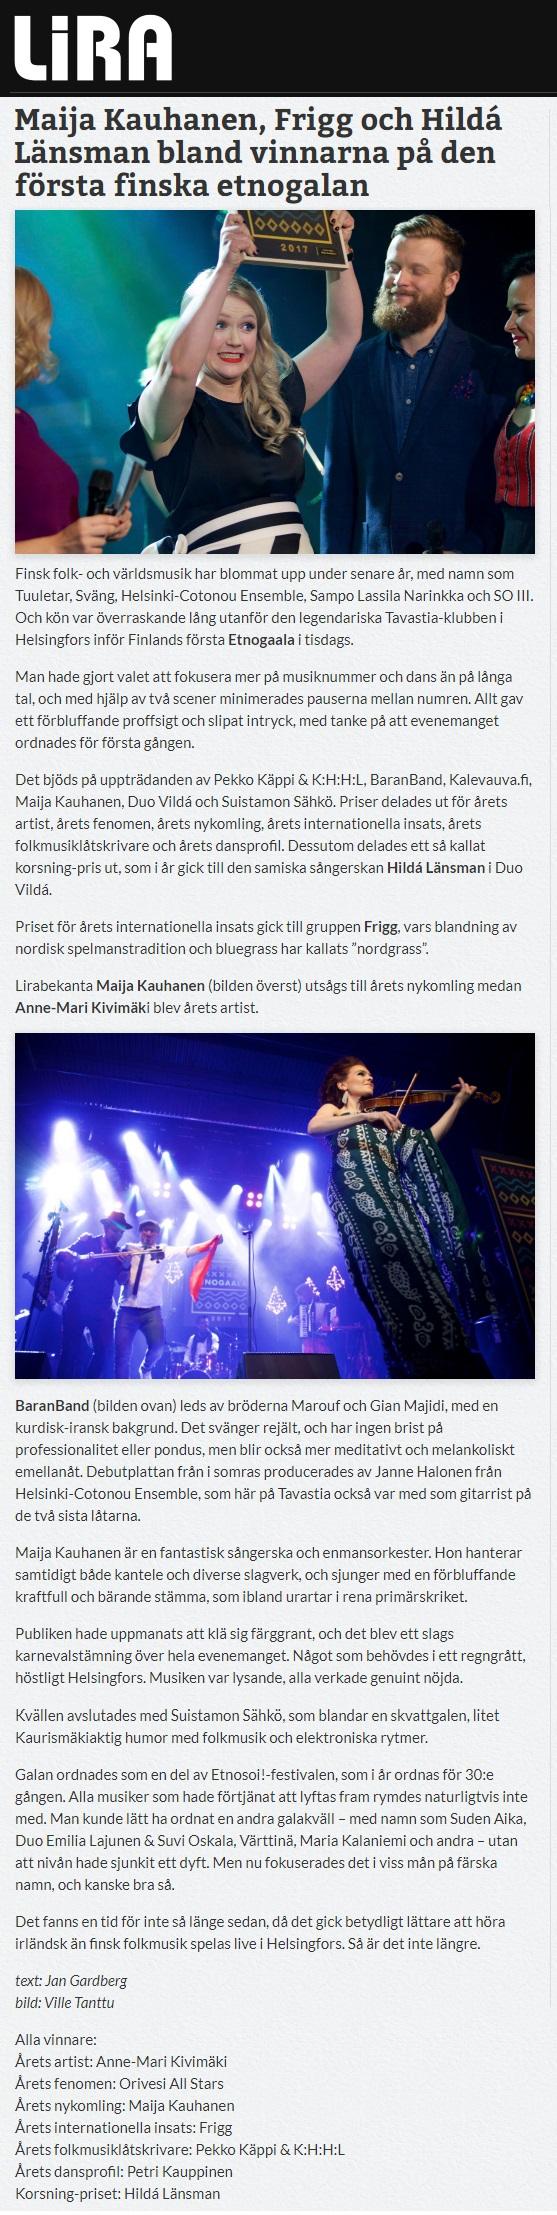 Lira Musikmagasin (Sweden), 10.11.2017